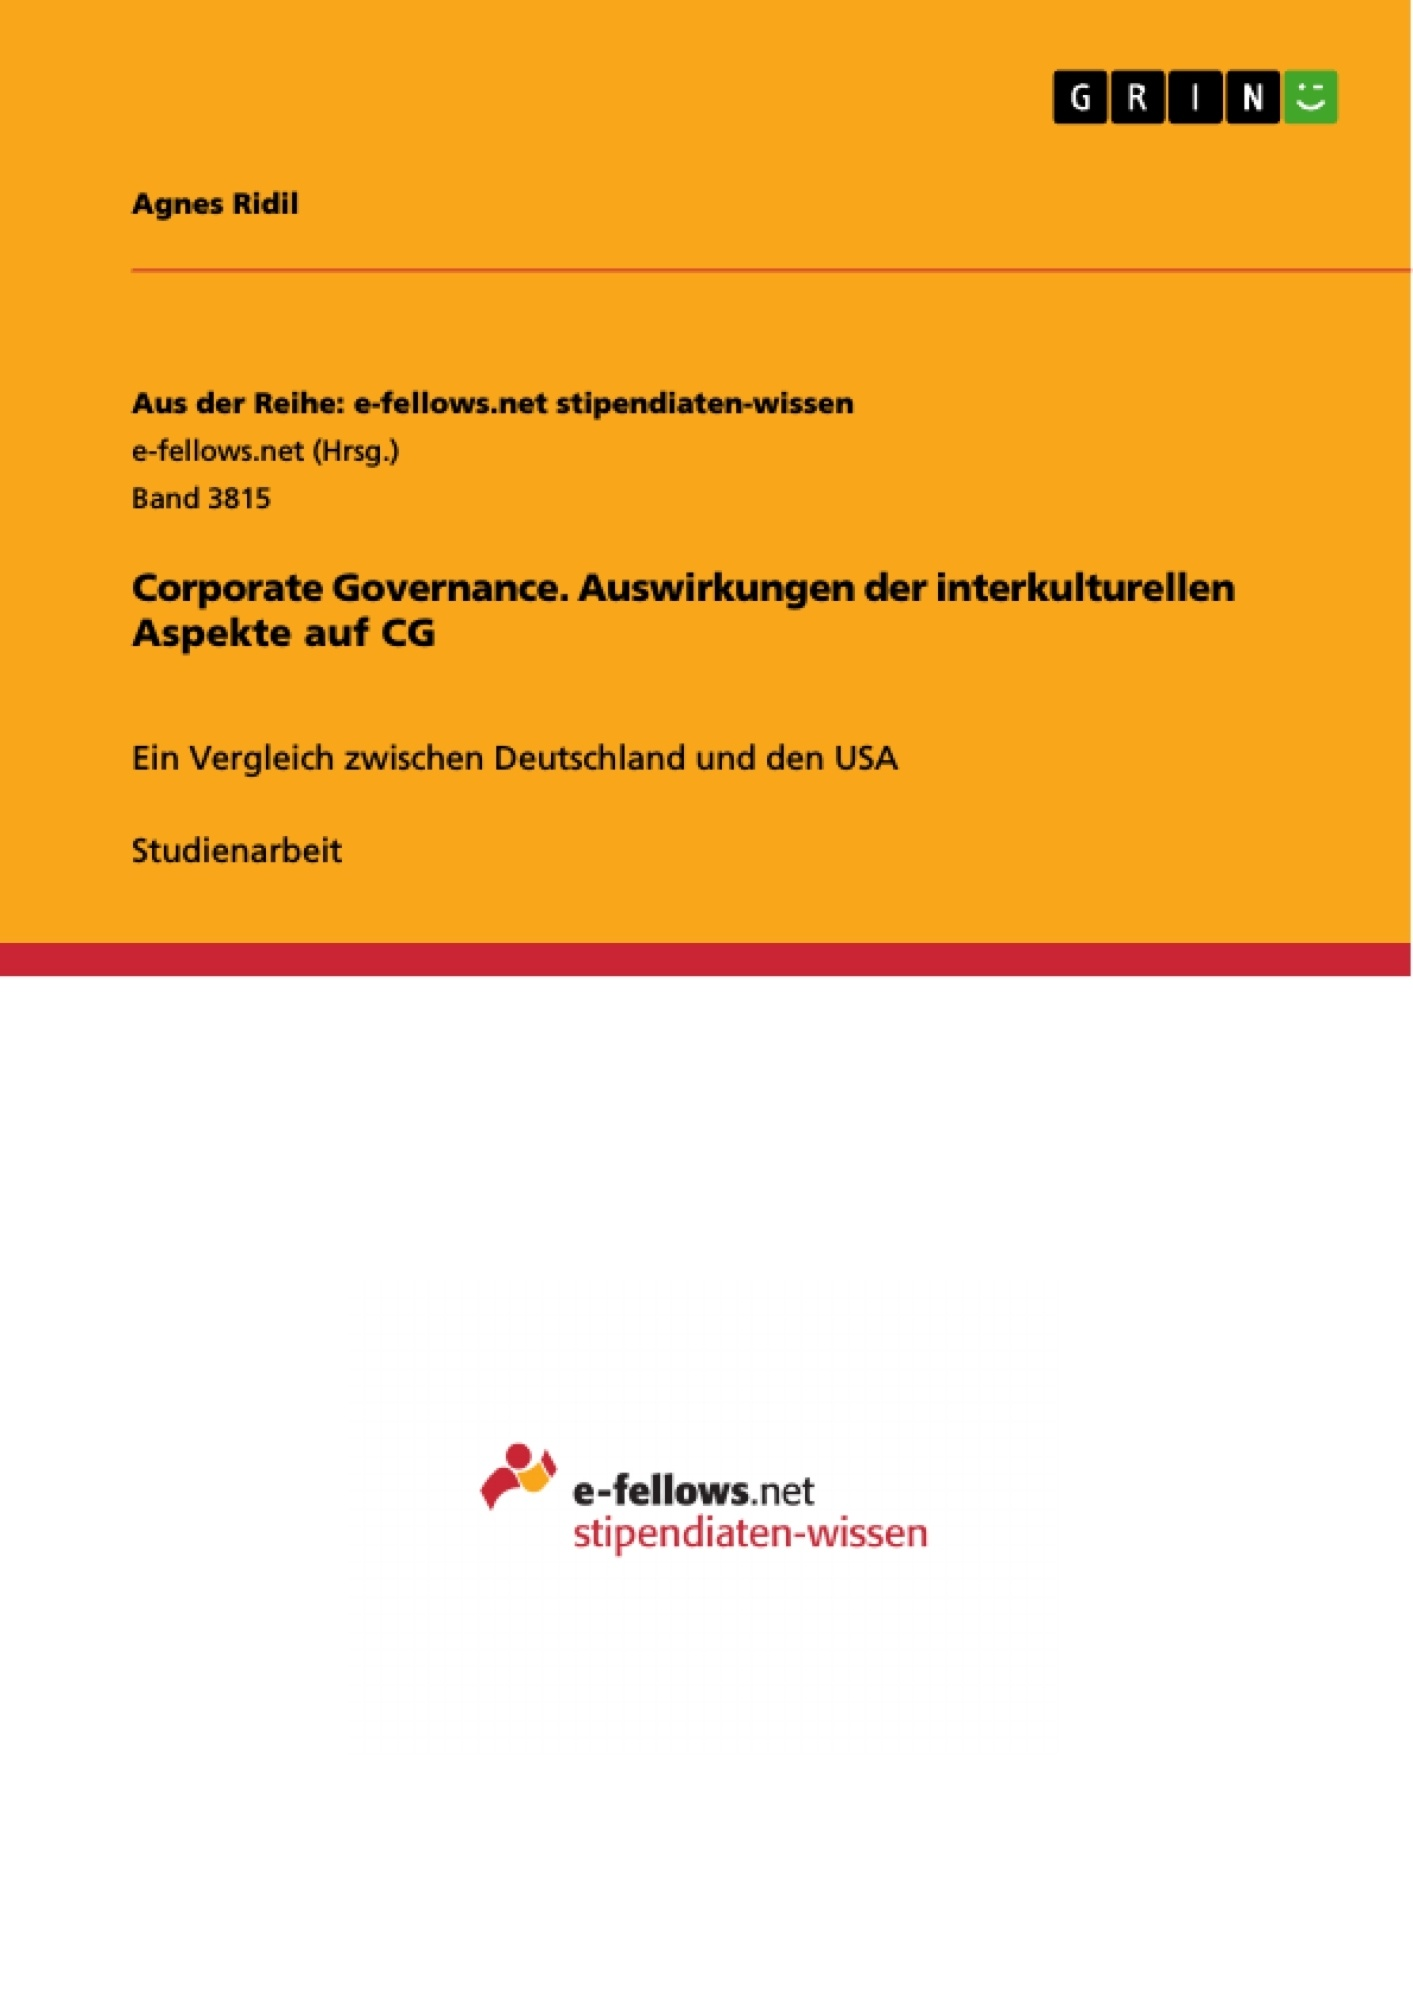 Titel: Corporate Governance. Auswirkungen der interkulturellen Aspekte auf CG